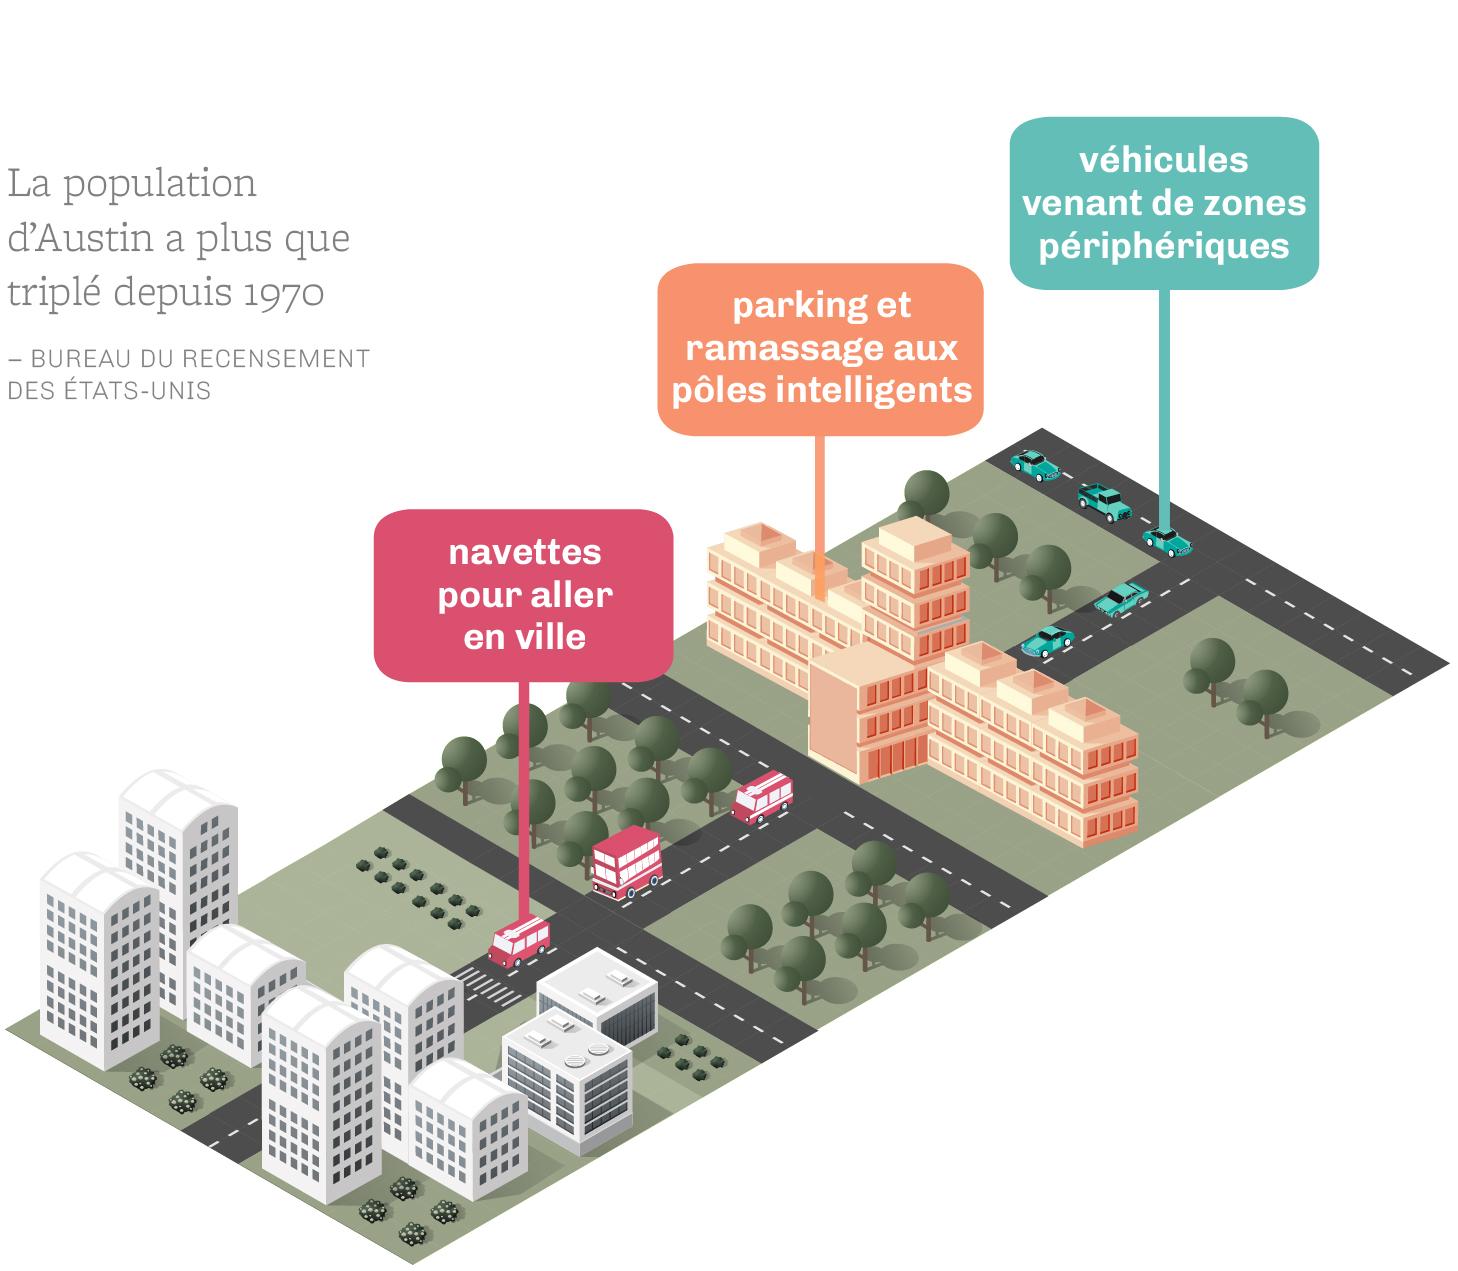 Graphique montrant les systèmes de transport proposés par la ville d'Austin (Shutterstock/Département d'État/J. Maruszewski)